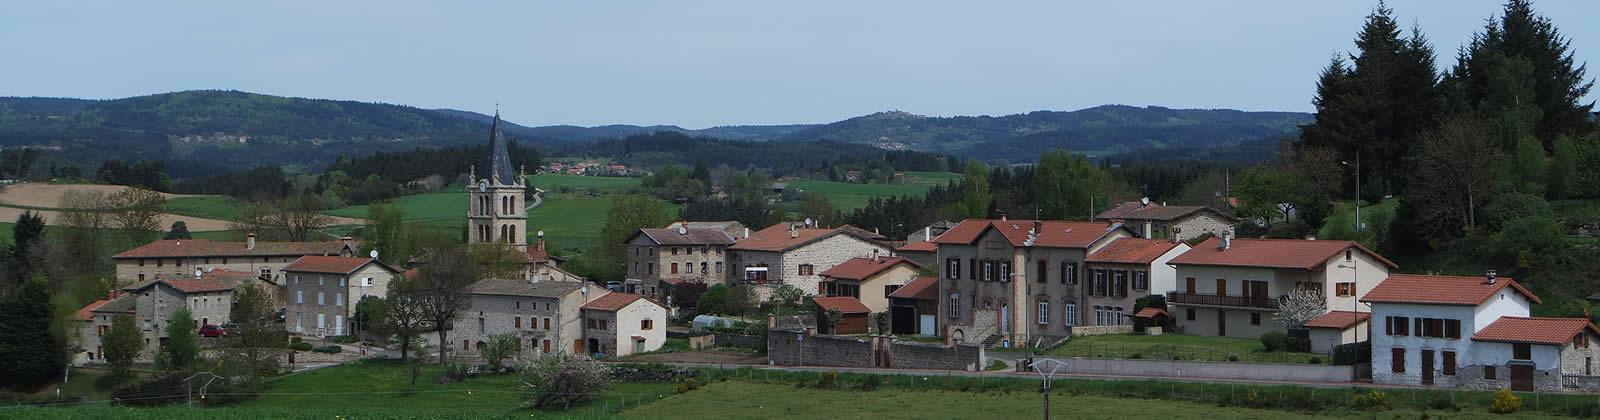 Village Merle Loire 42